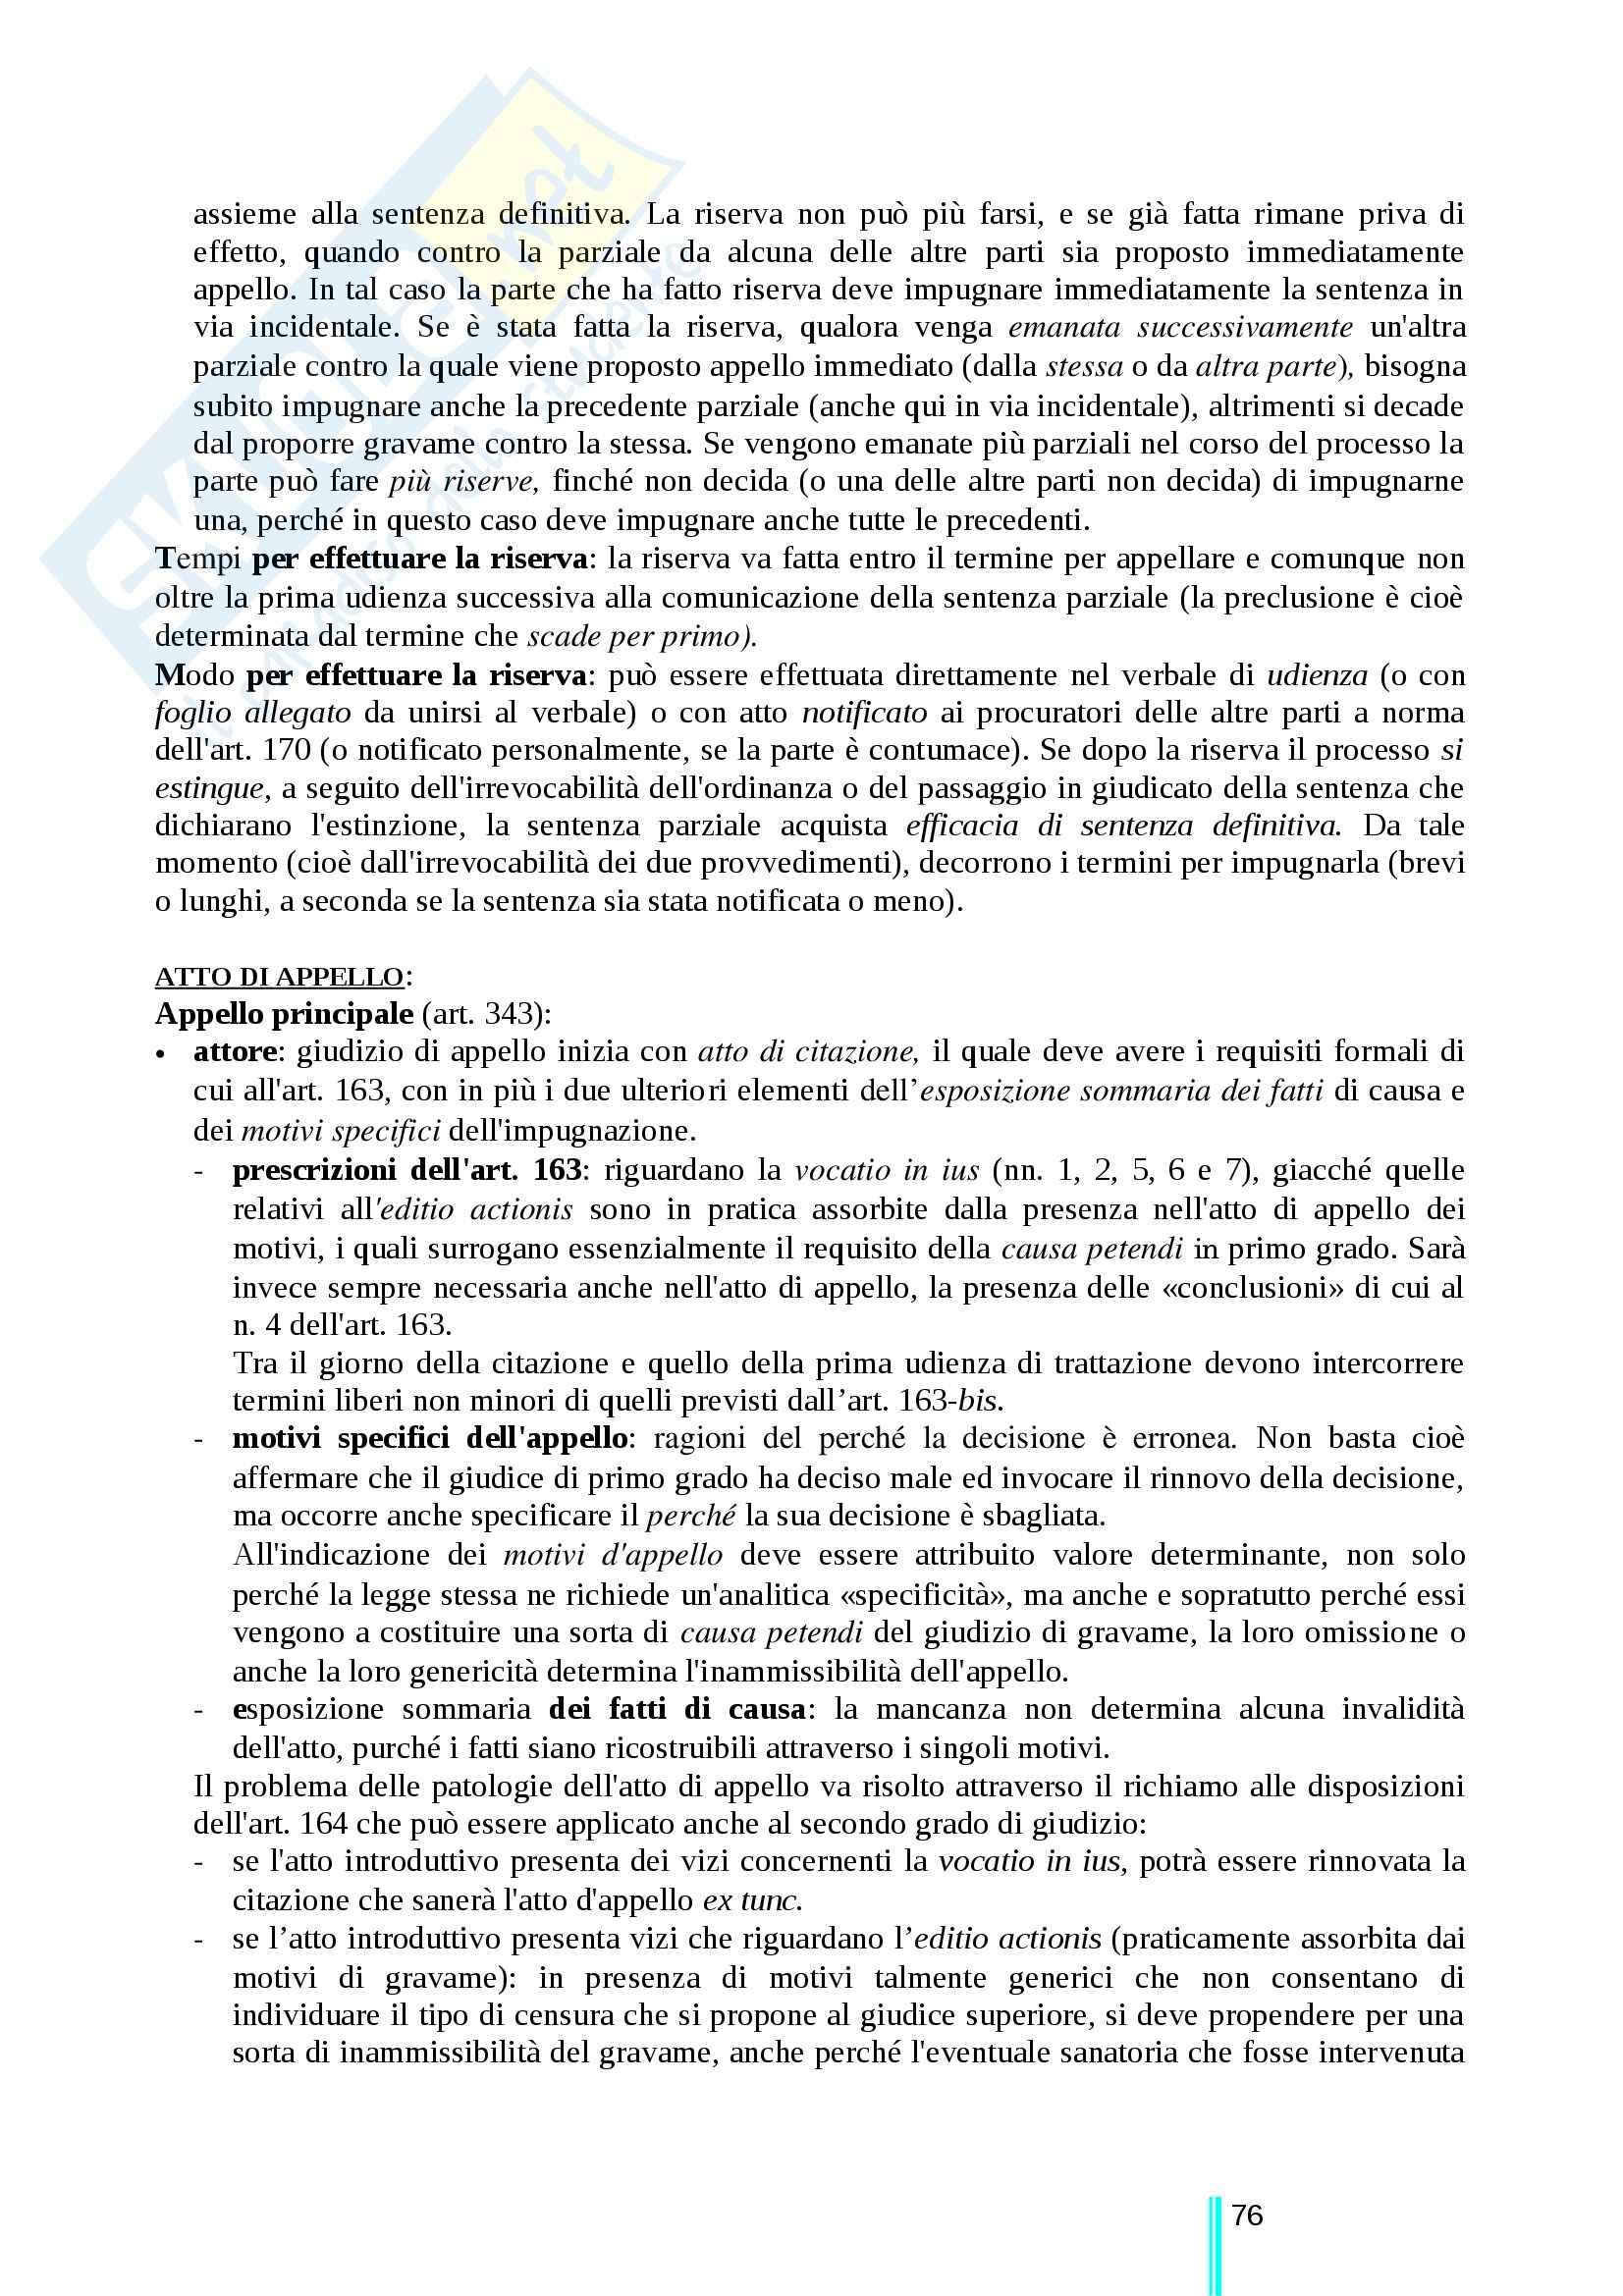 Riassunto esame Diritto processuale civile, prof. Ricci, libro consigliato Diritto processuale civile, secondo volume, Ricci Pag. 76